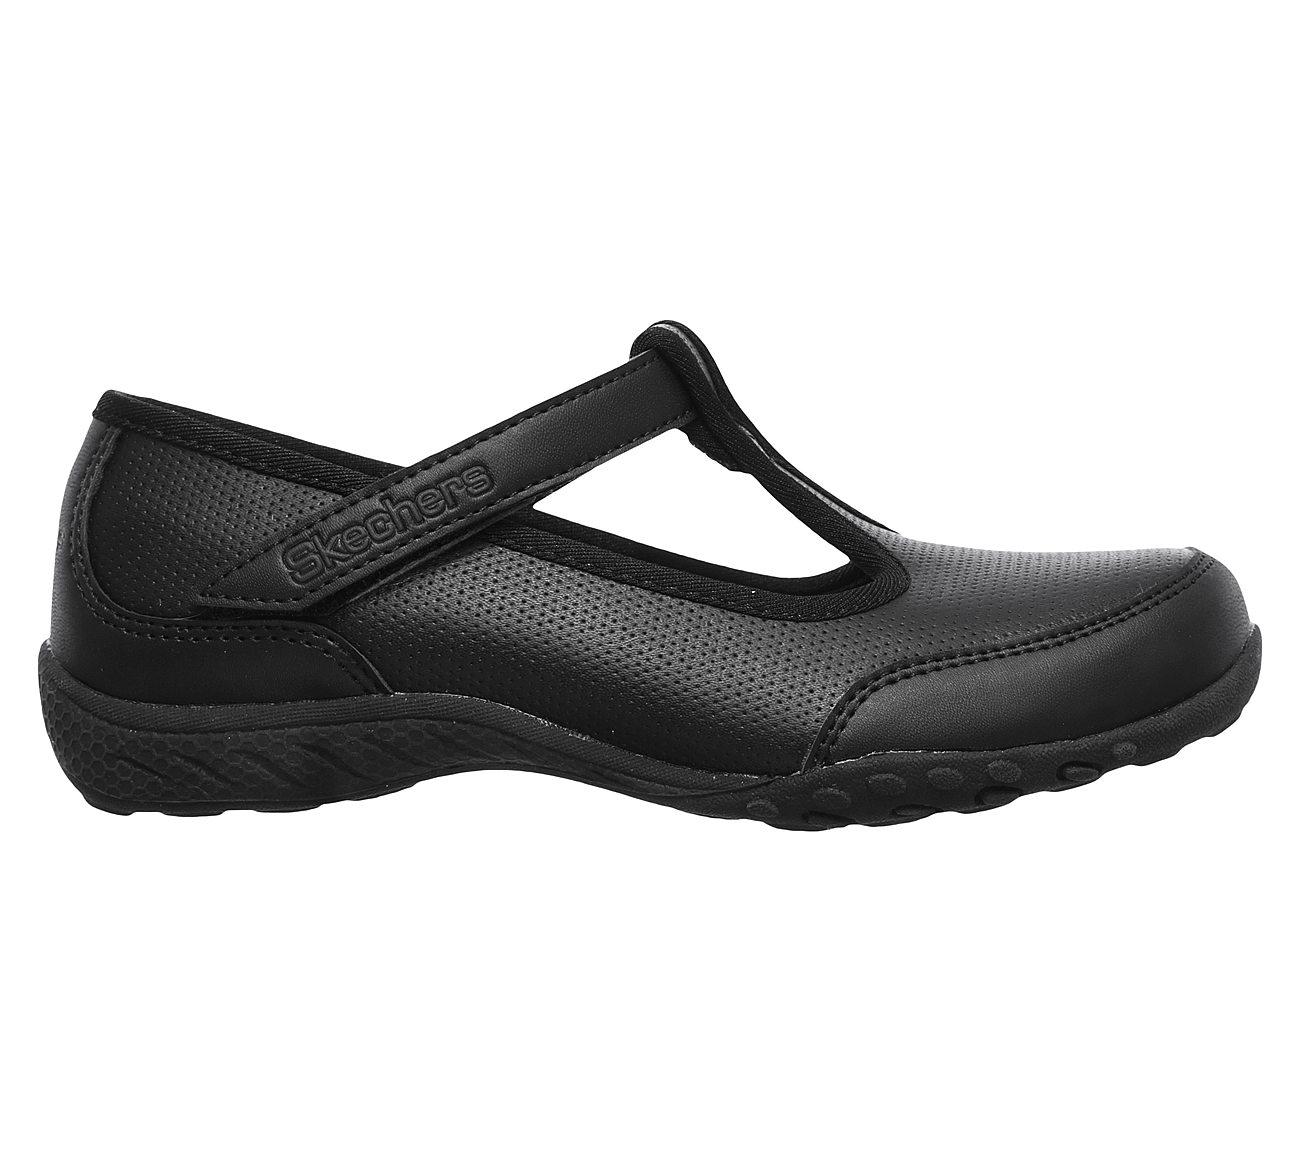 zapatos skechers ultra flex zalando